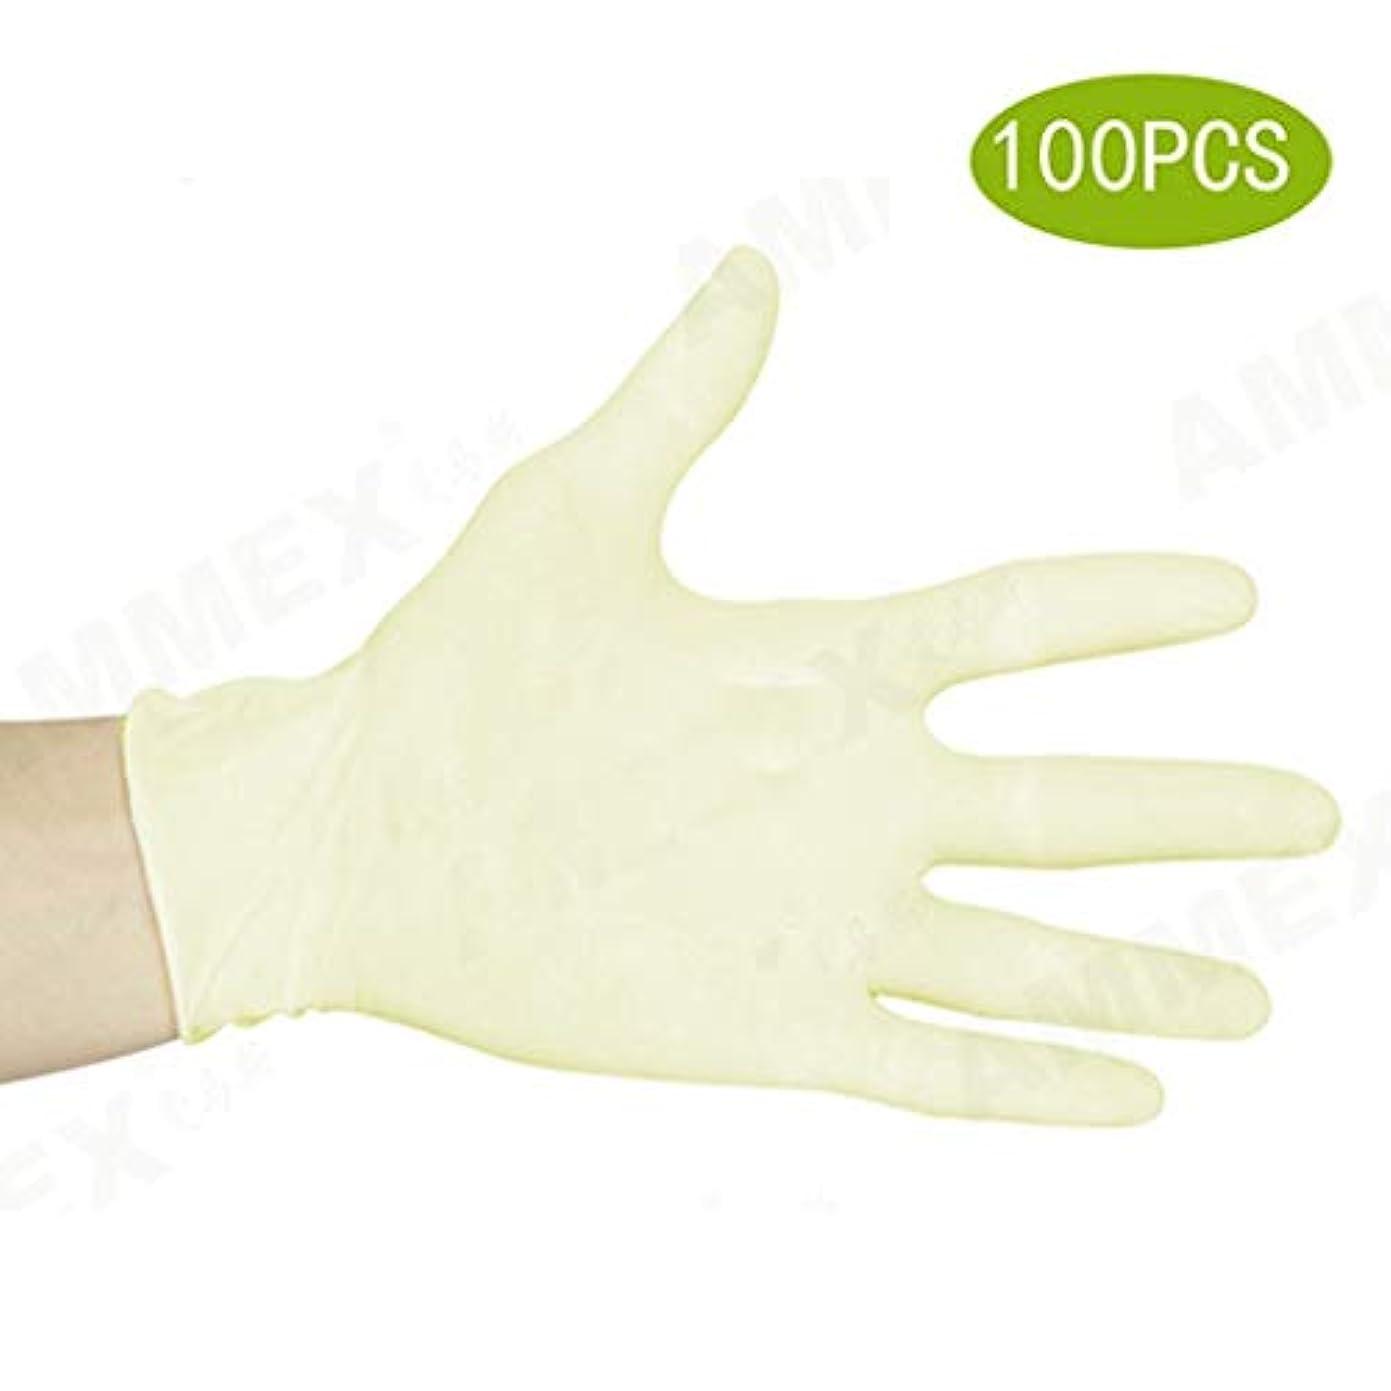 メロドラマ検出器認知ニトリル手袋、パウダーフリー、ラテックスゴムフリー、使い捨て手袋 - 非滅菌、食品安全、医療用グレード、100の便利なディスペンサーパック、ビニール手袋(エクストラストレングス) (Color : Latex Gloves...